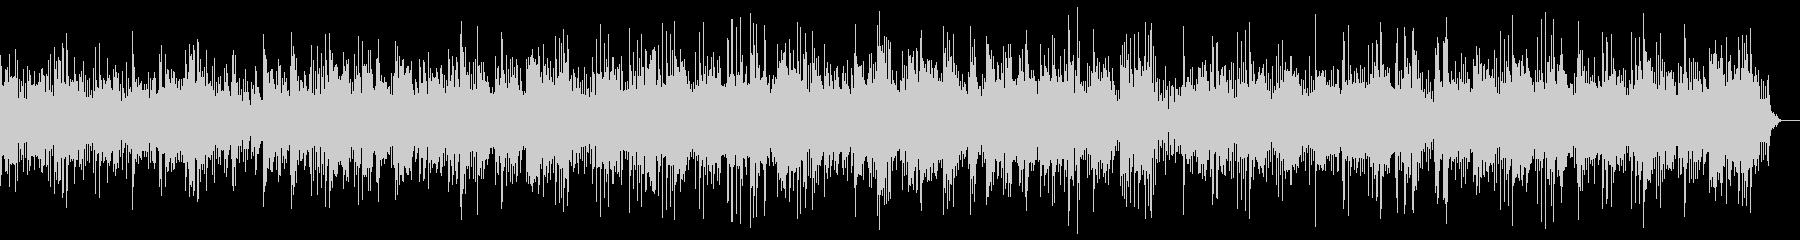 旋律の綺麗な高音のヒーリングピアノの未再生の波形